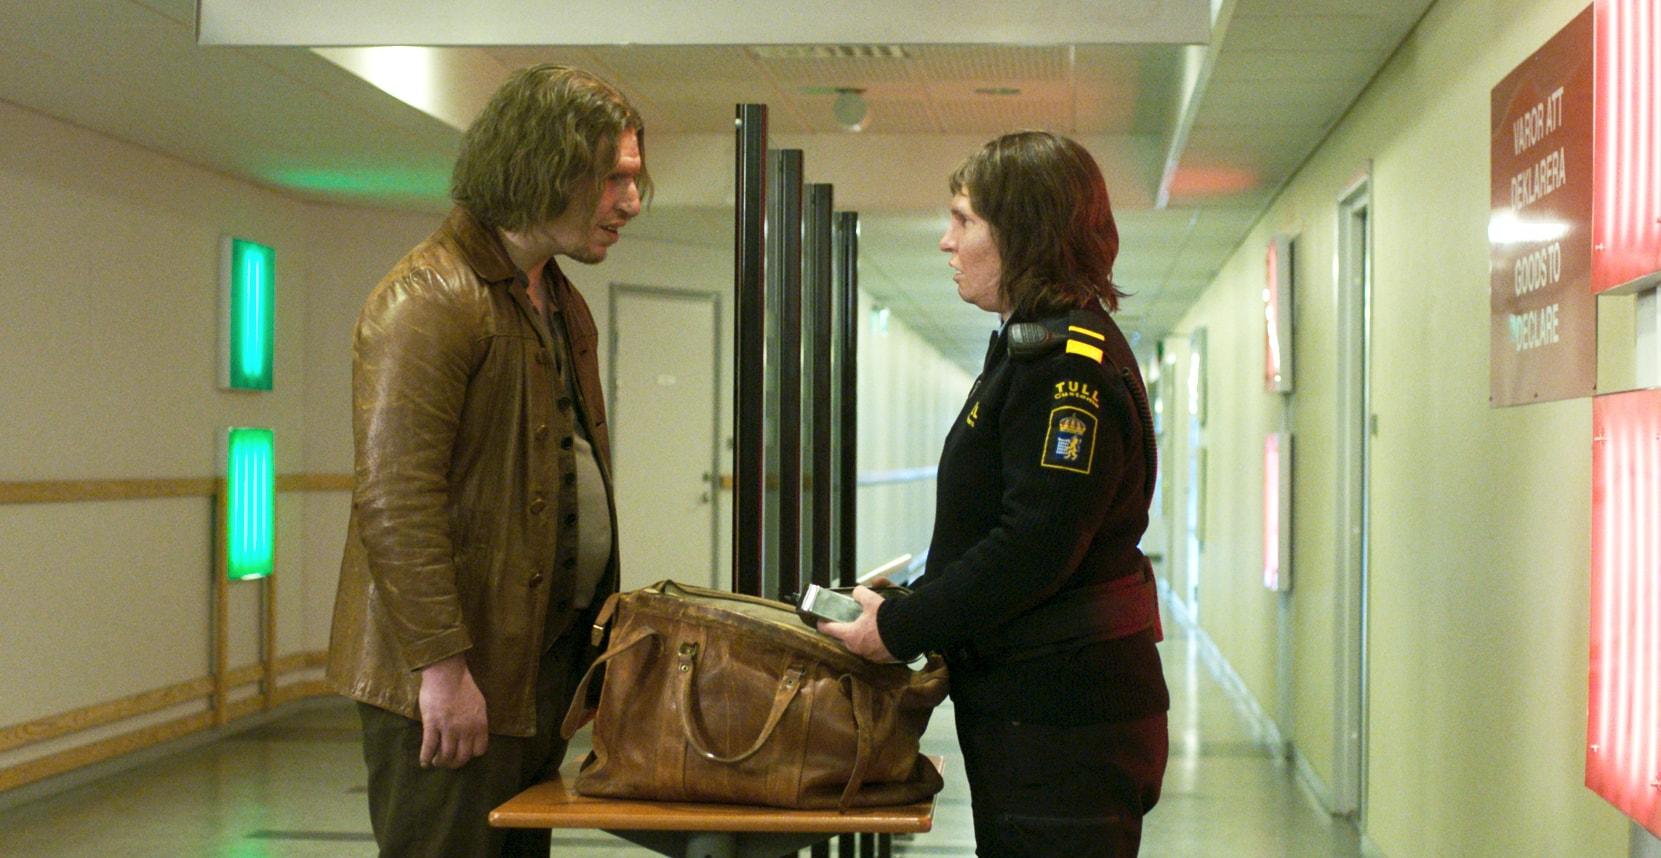 """Eero Milonoff and Eva Melander in """"Border."""" (Photo courtesy of Neon)"""